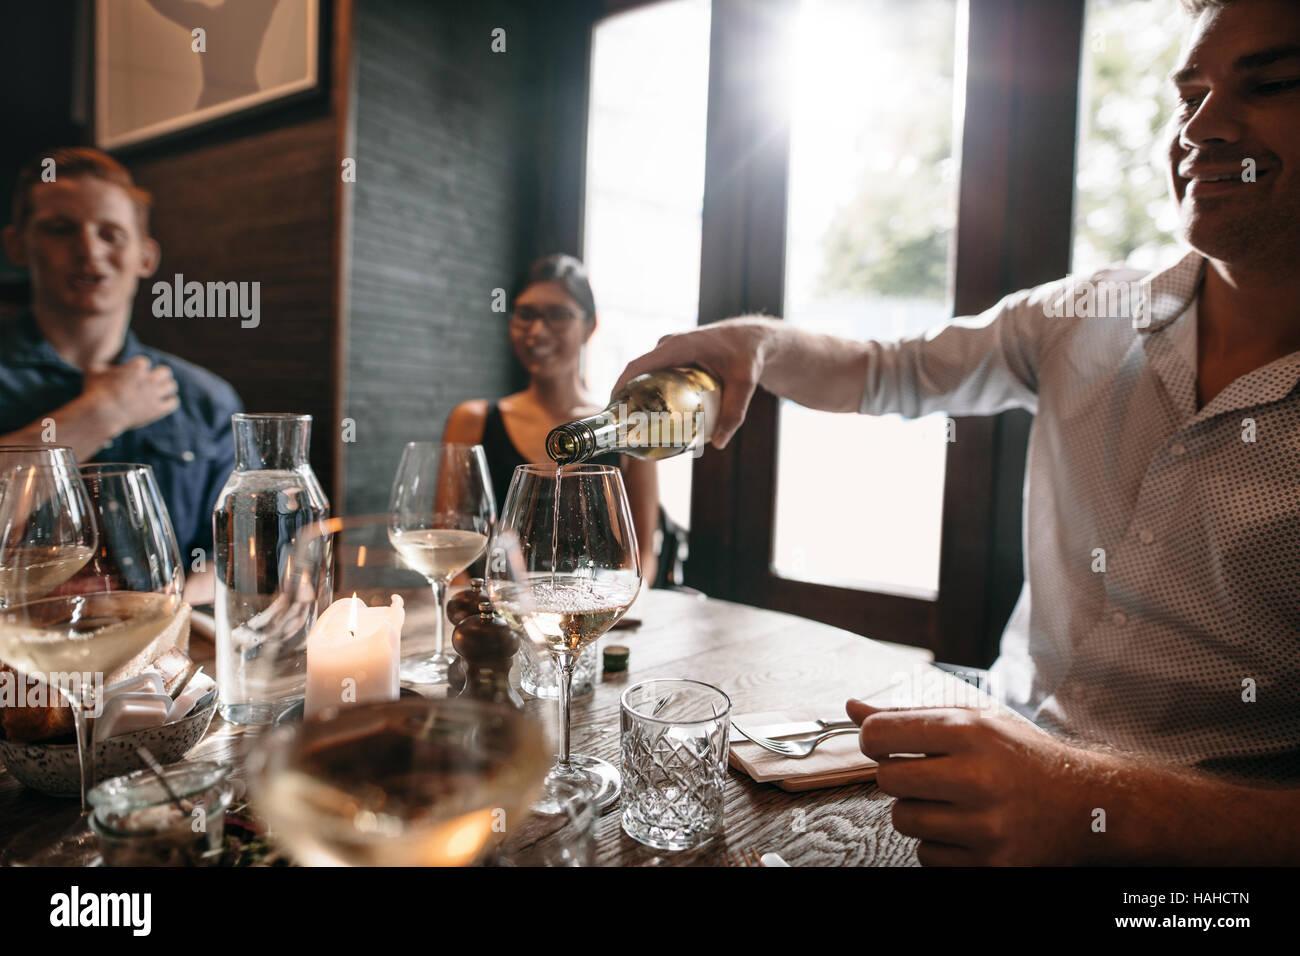 Groupe d'amis profitant d'un délicieux repas avec du vin dans un restaurant. Jeune homme heureux de Photo Stock